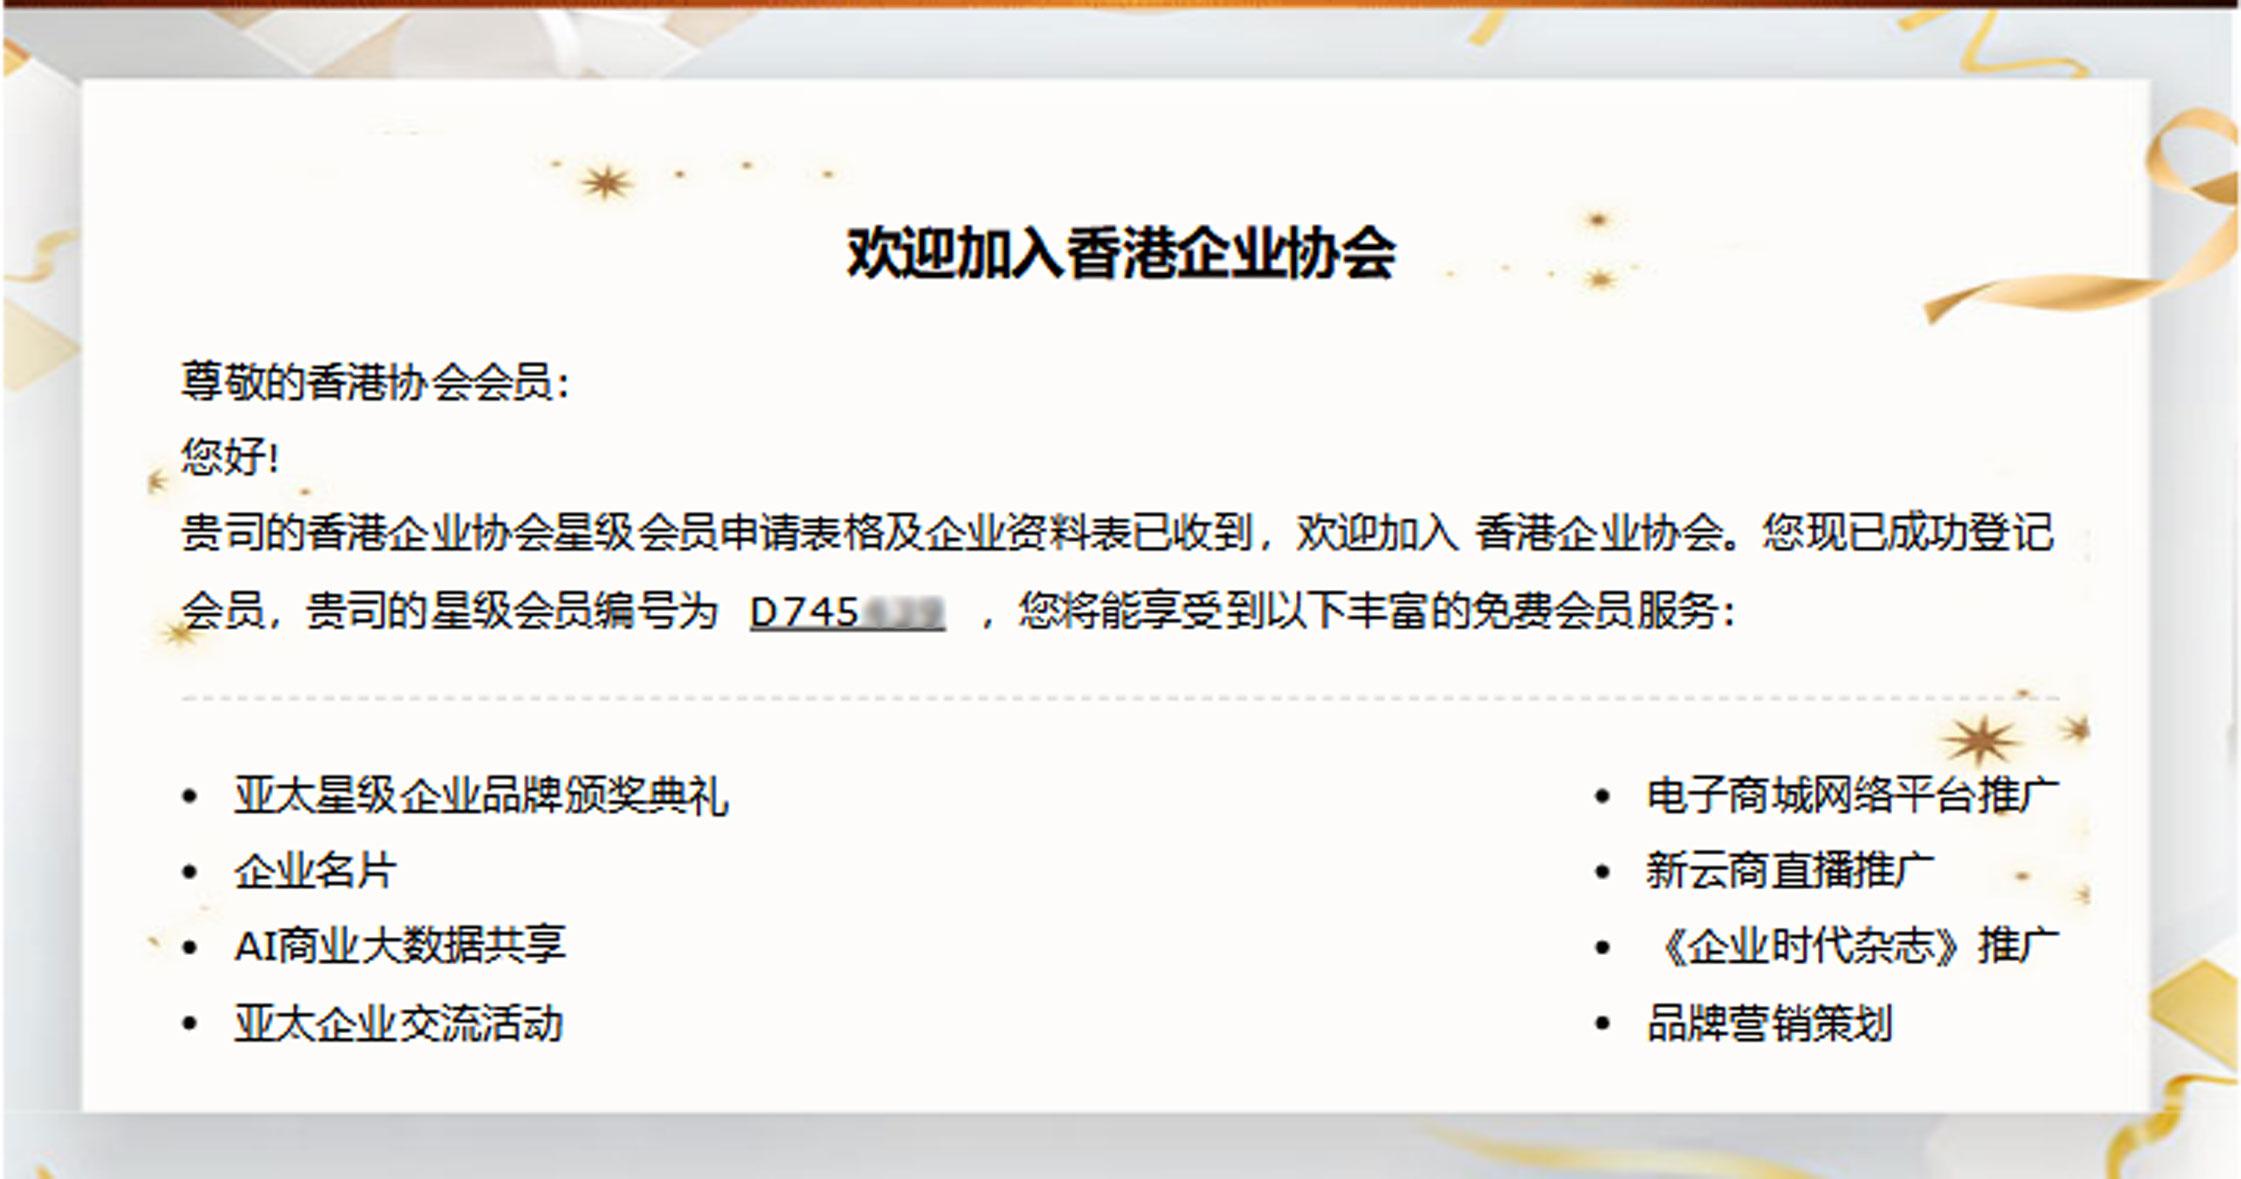 香港企業協會星級會員